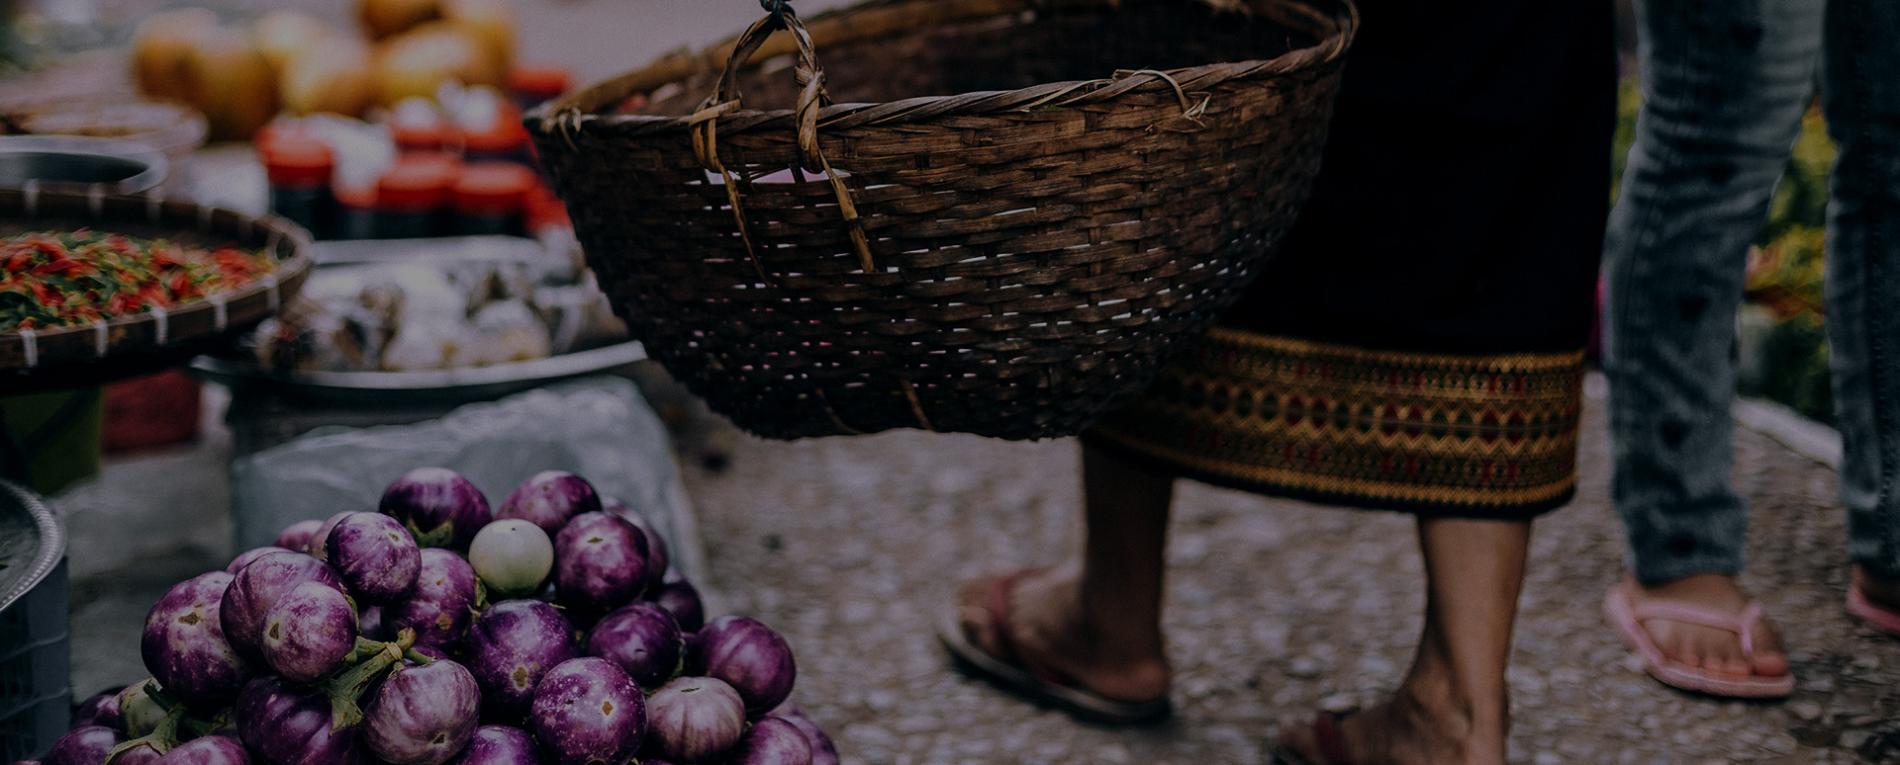 mercado con fruta